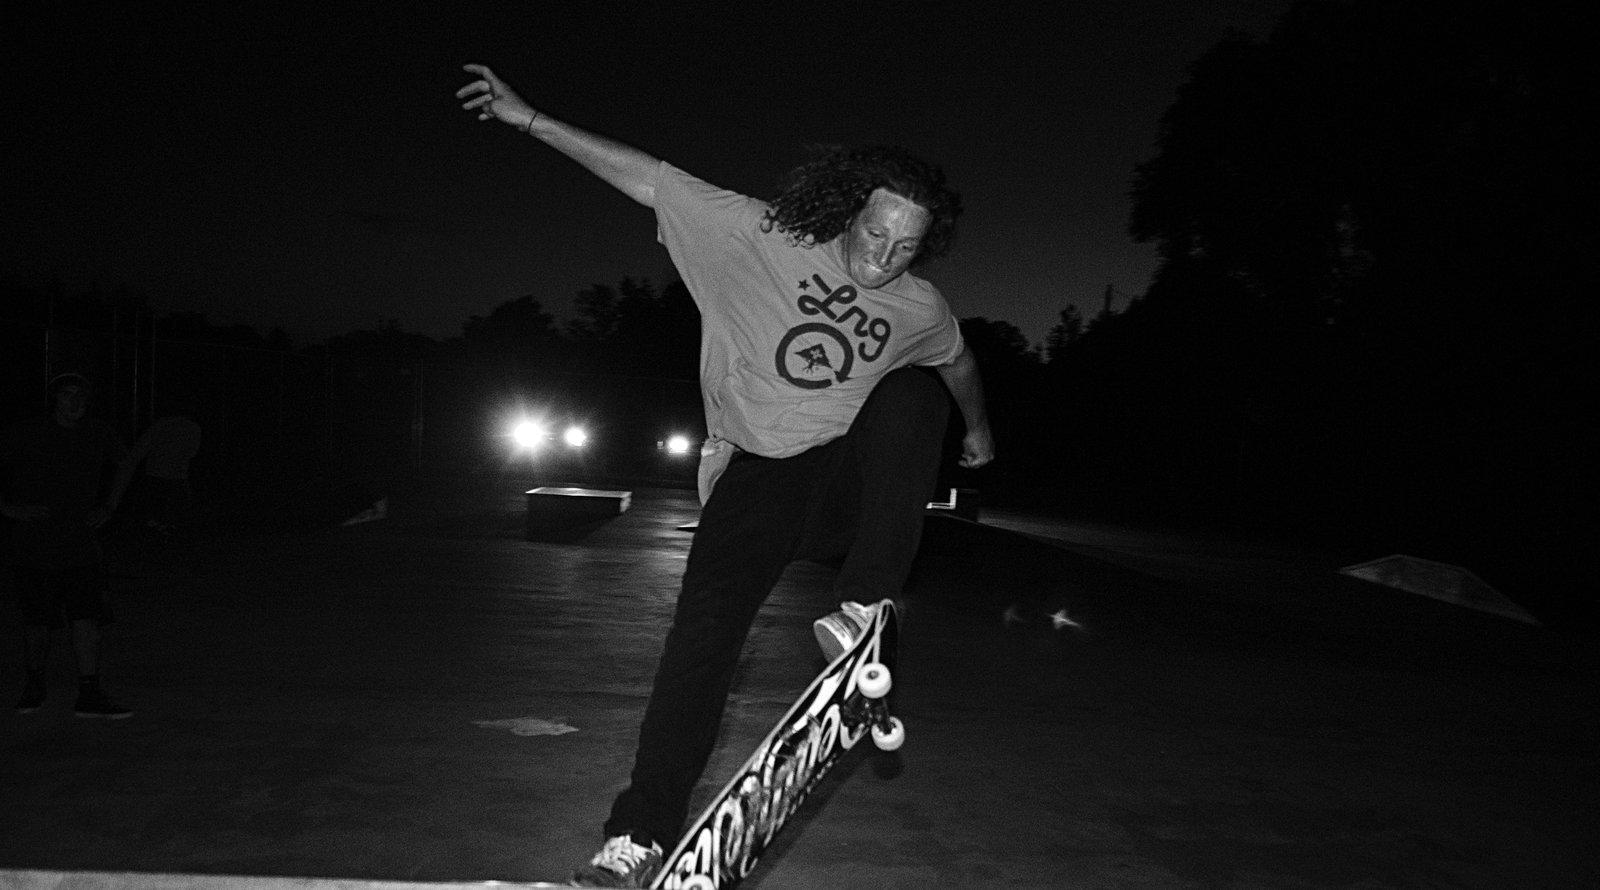 Night Time Skating